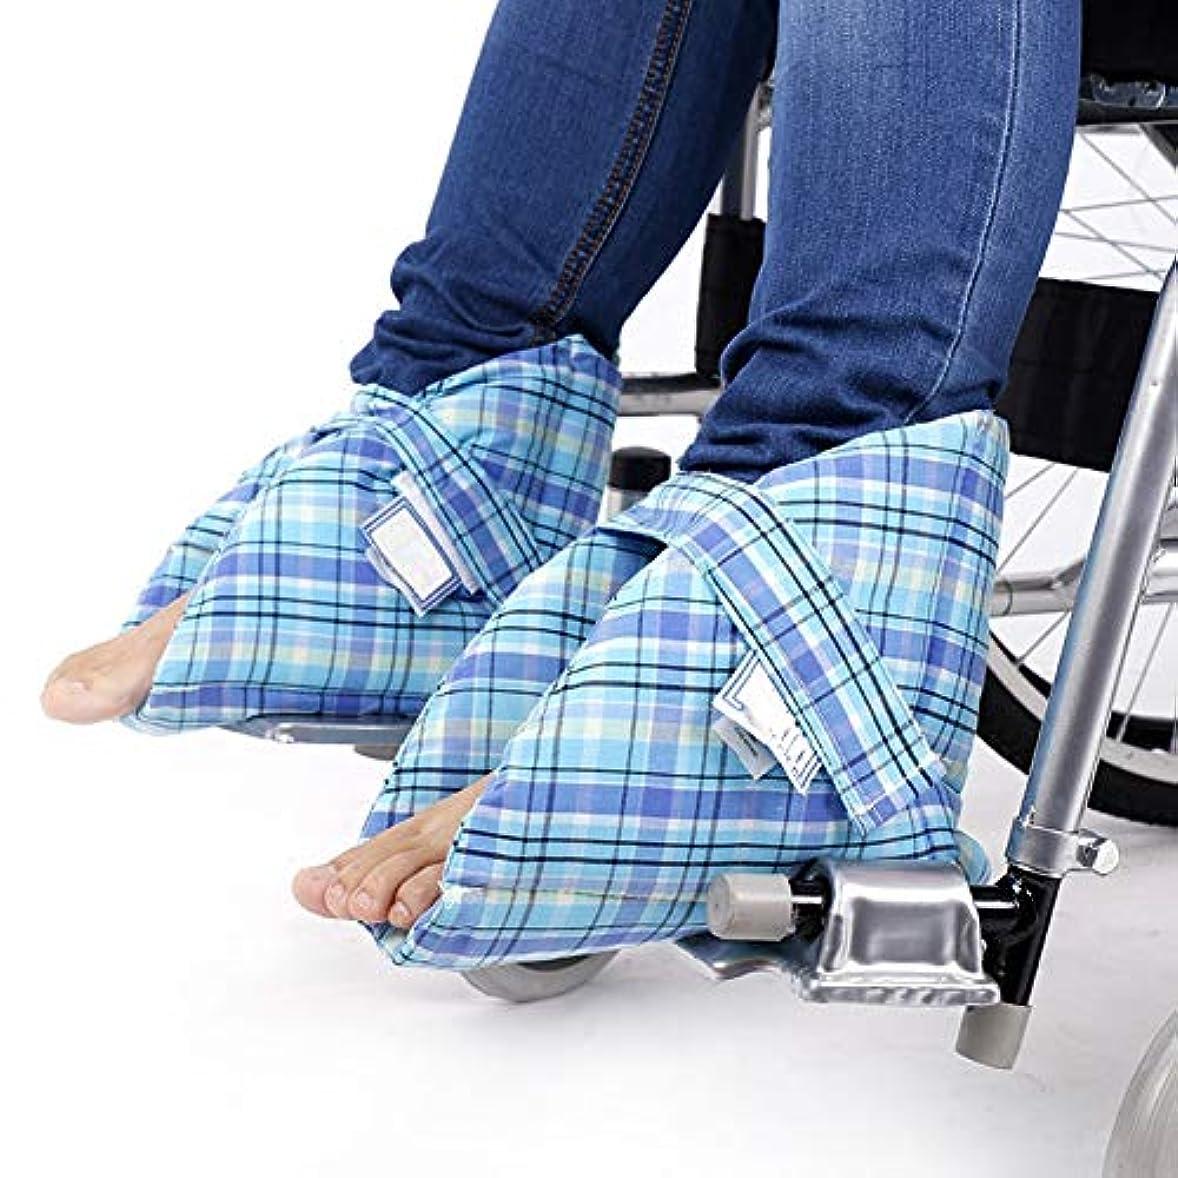 後方最近敵対的フットサポートピロー、かかとプロテクター、ベッドの痛みや潰瘍の治療用、足の圧迫を和らげる、1ペア